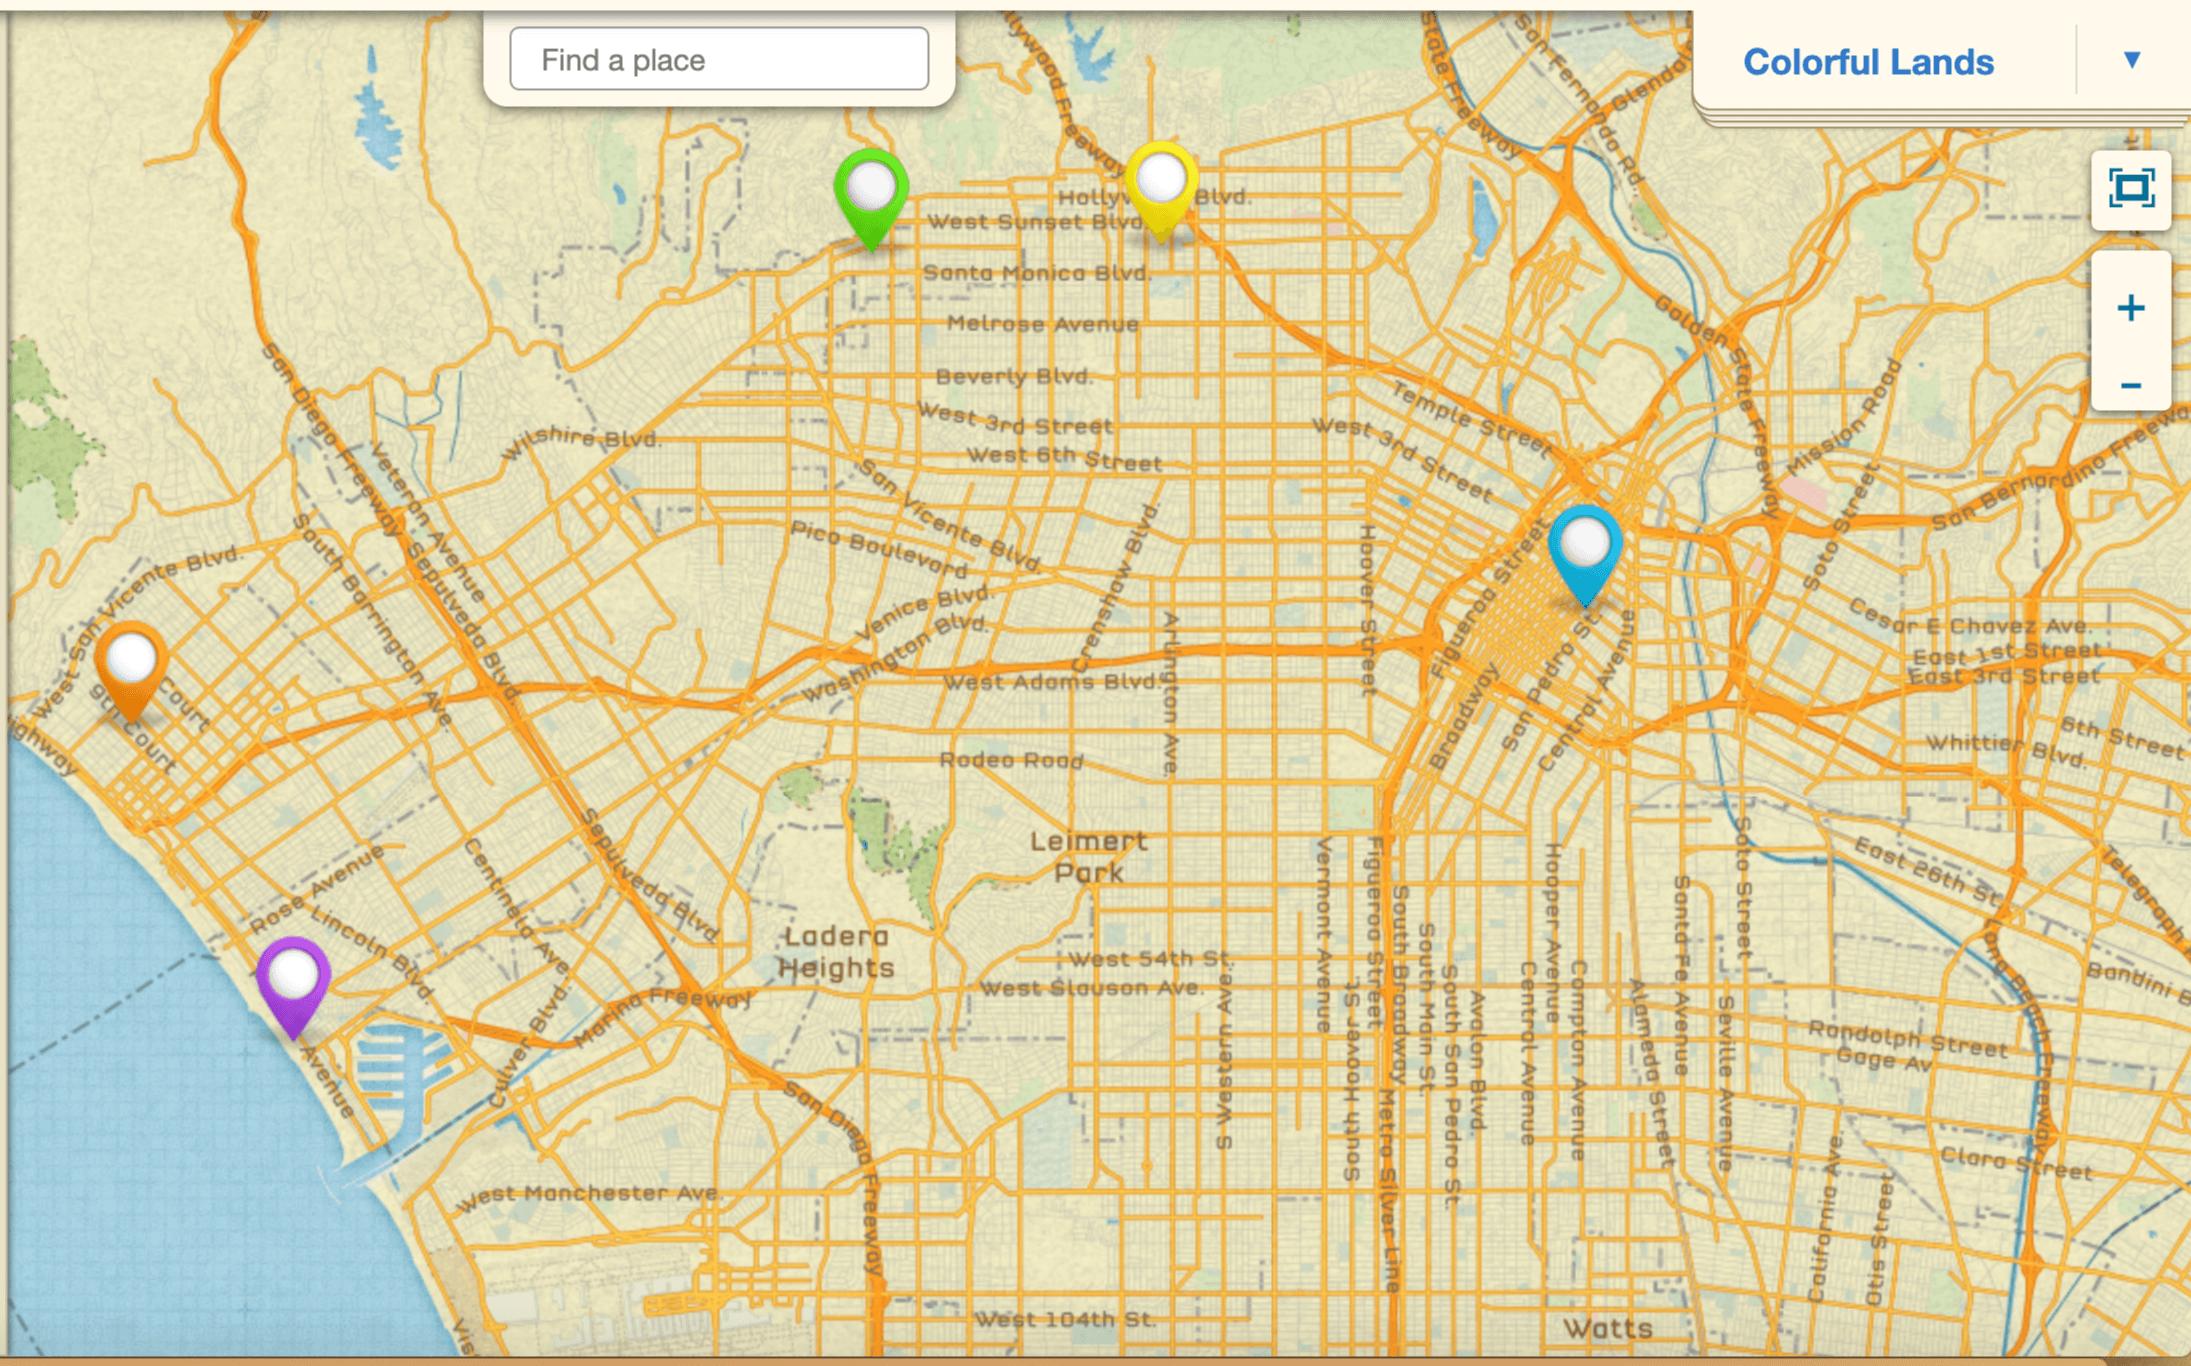 Los Angeles Neighborhood Guide